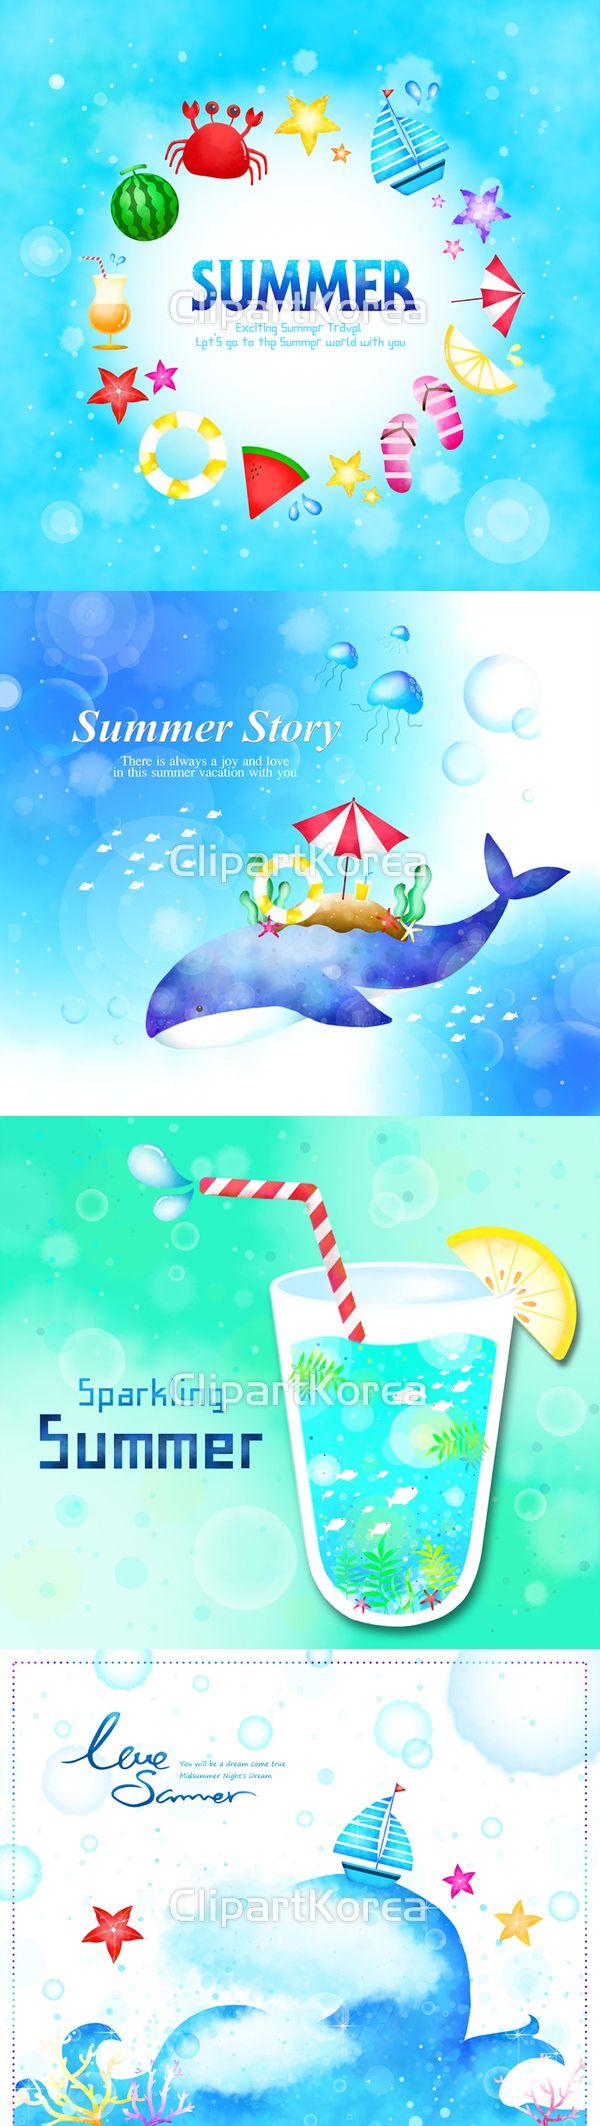 고래 물방울 바다 백그라운드 불가사리 블루 시원함 여름 일러스트 튜브 파라솔 휴양지 레몬 빨대 꽃게 수박 슬리퍼 방학 요트 휴가 파도 Whale Trickle Sea Background Starfish Blue Cool Summer Illustration Illust Tube Parasol Resort Lemon Straw Crab Watermelon Slipper Vacation Yacht Vacation Waves 클립아트코리아 이미지투데이 통로이미지 clipartkorea imagetoday tongroimages